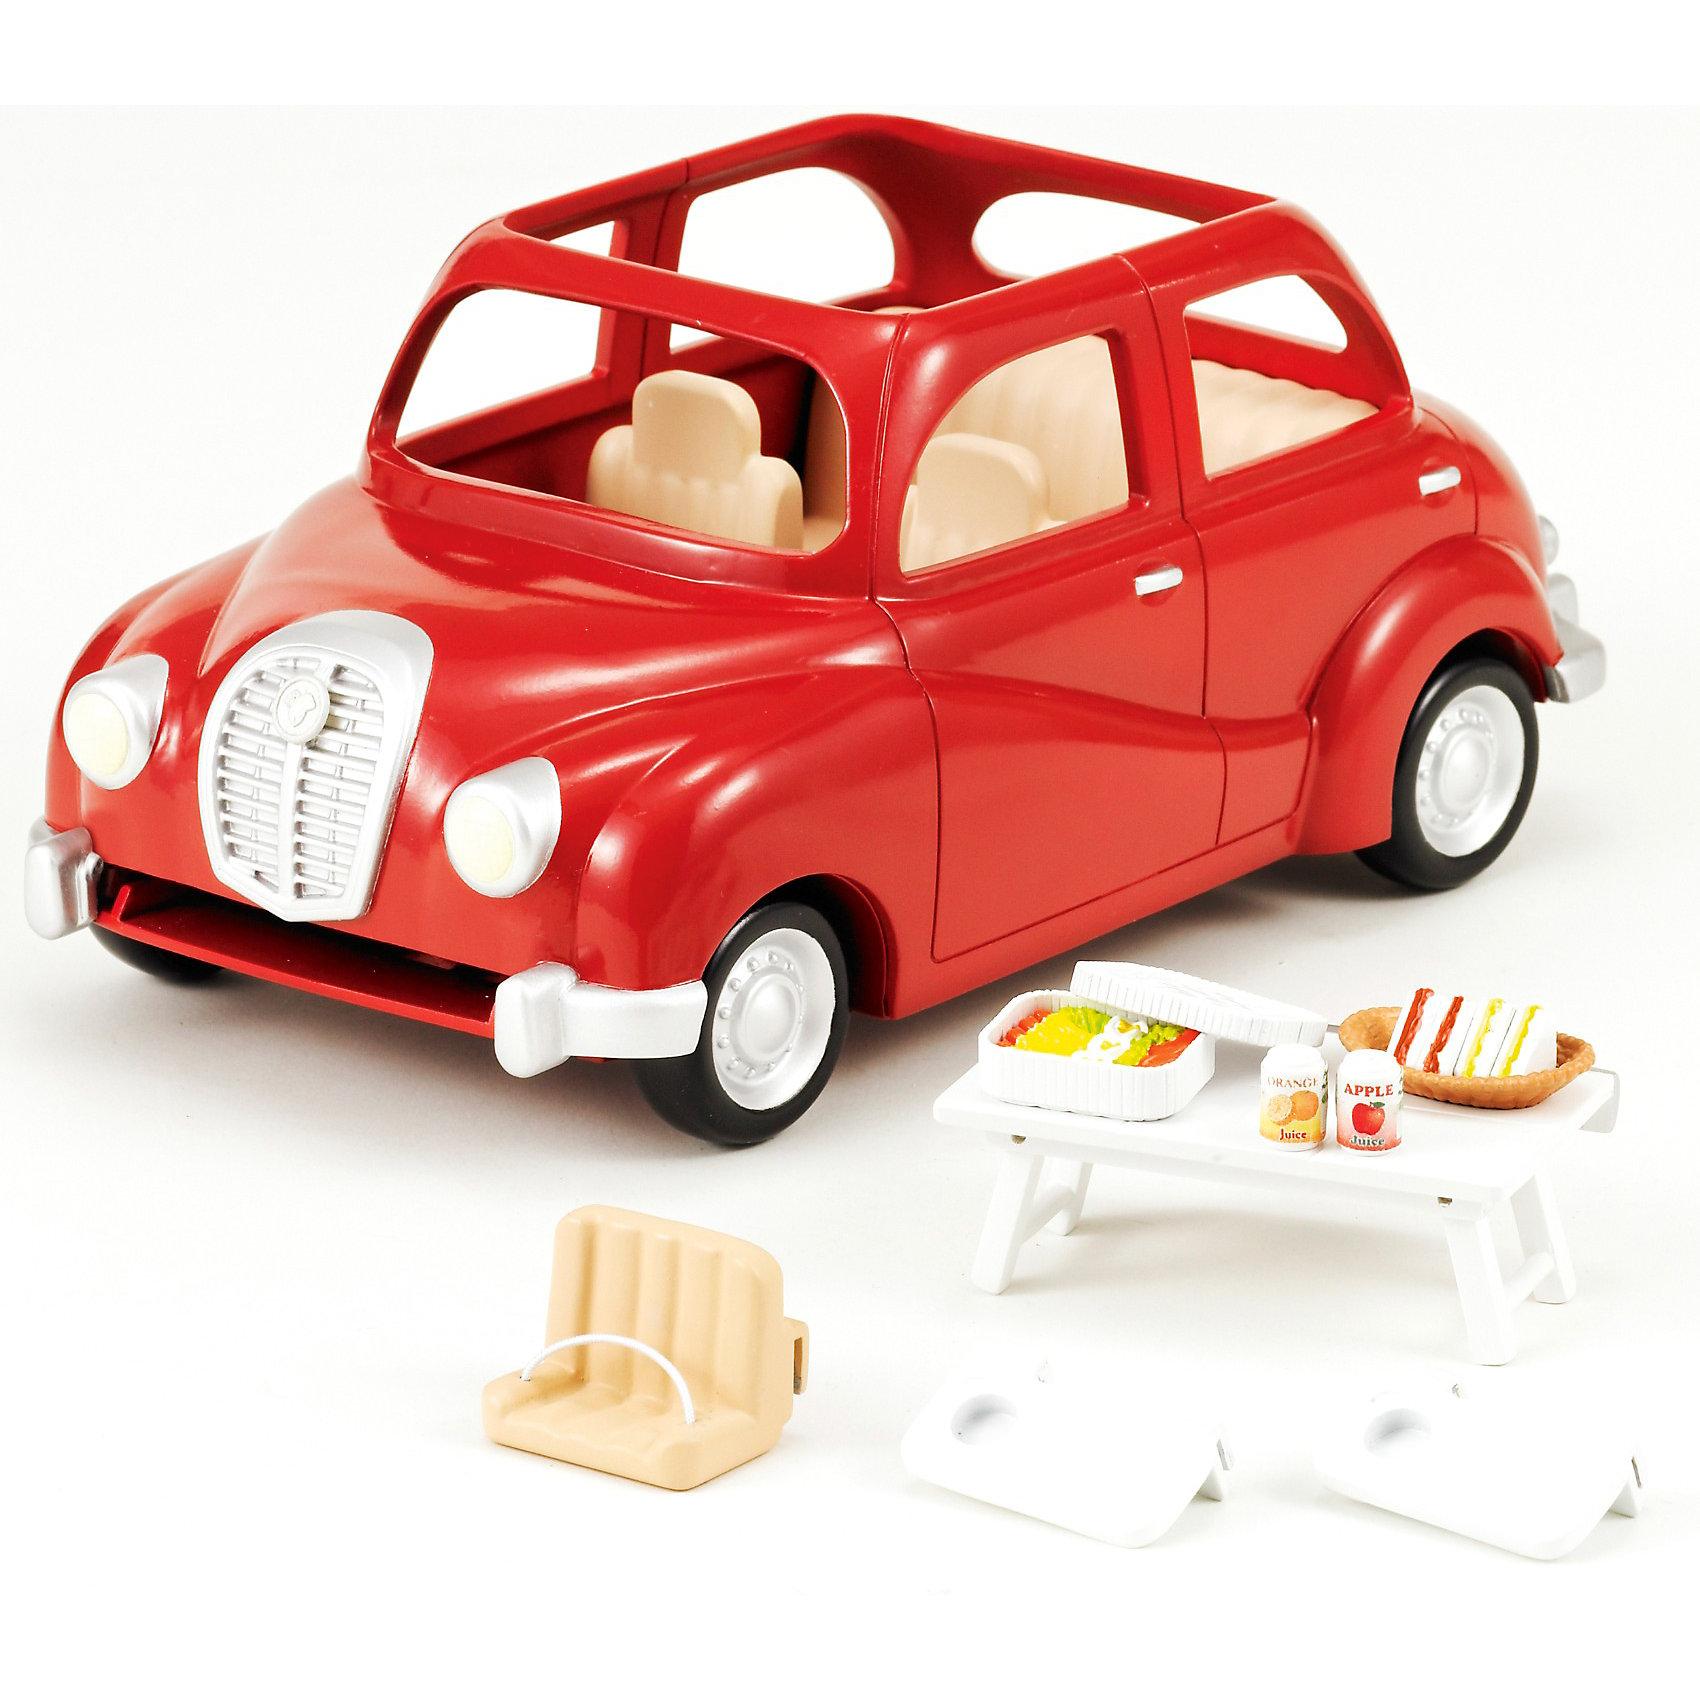 - Набор Семейный автомобиль, красный , Sylvanian Families купить автомобиль в москве с расходом топлива до 5л 100км